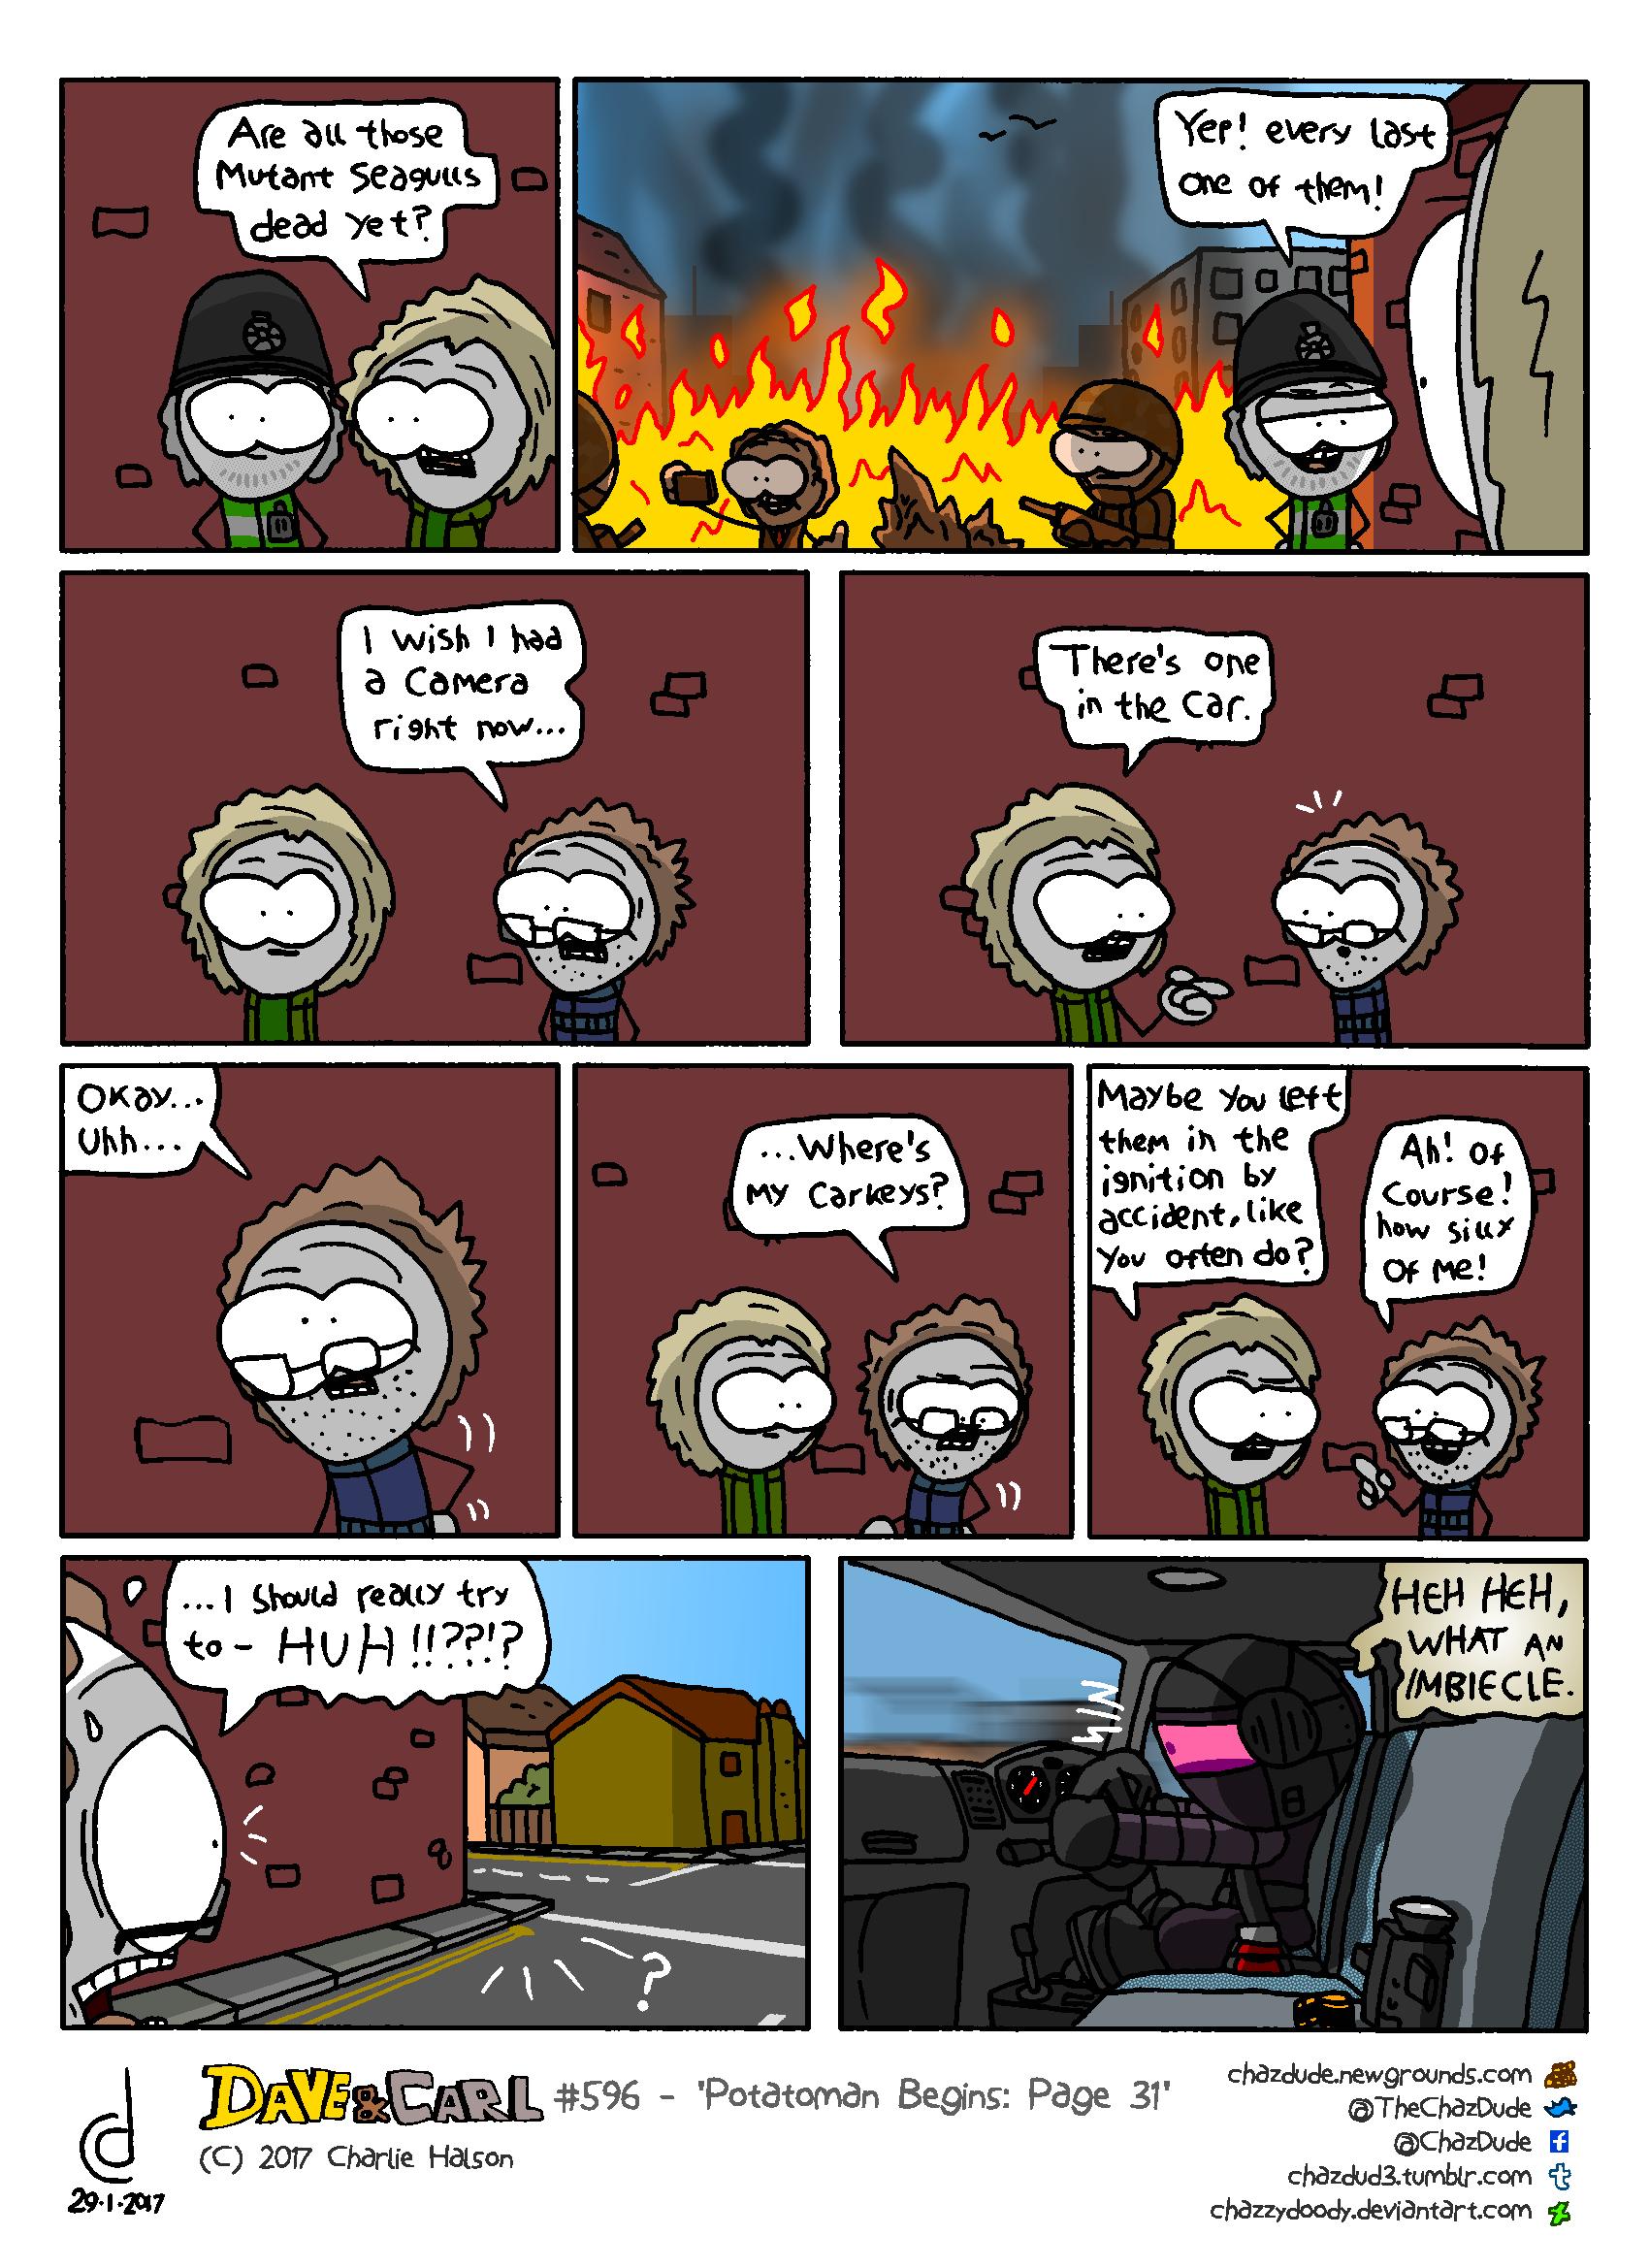 Potatoman Begins: Page 31